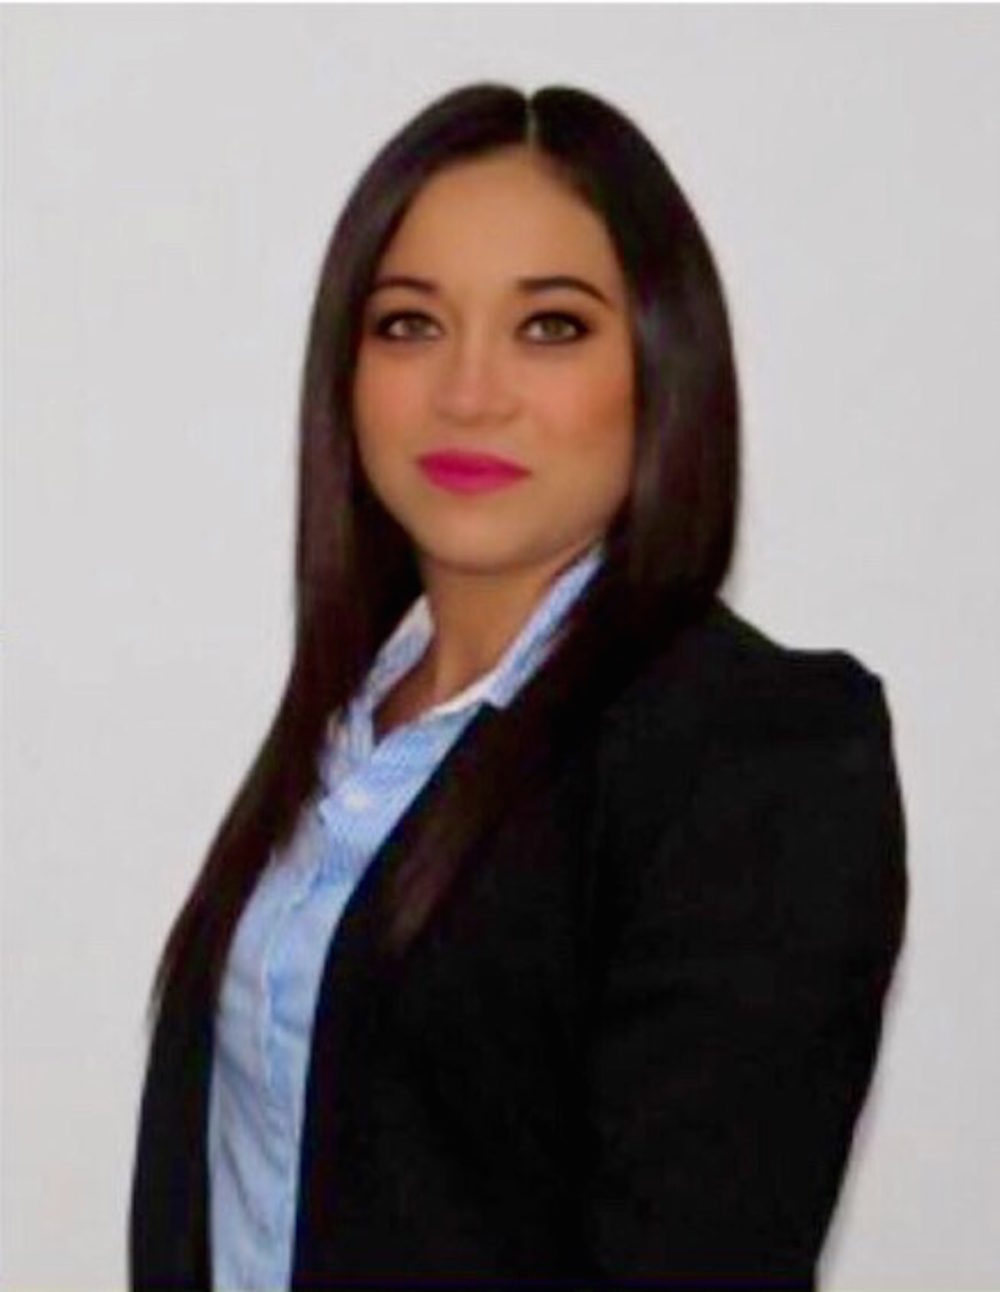 Verónica Sánchez Peraza